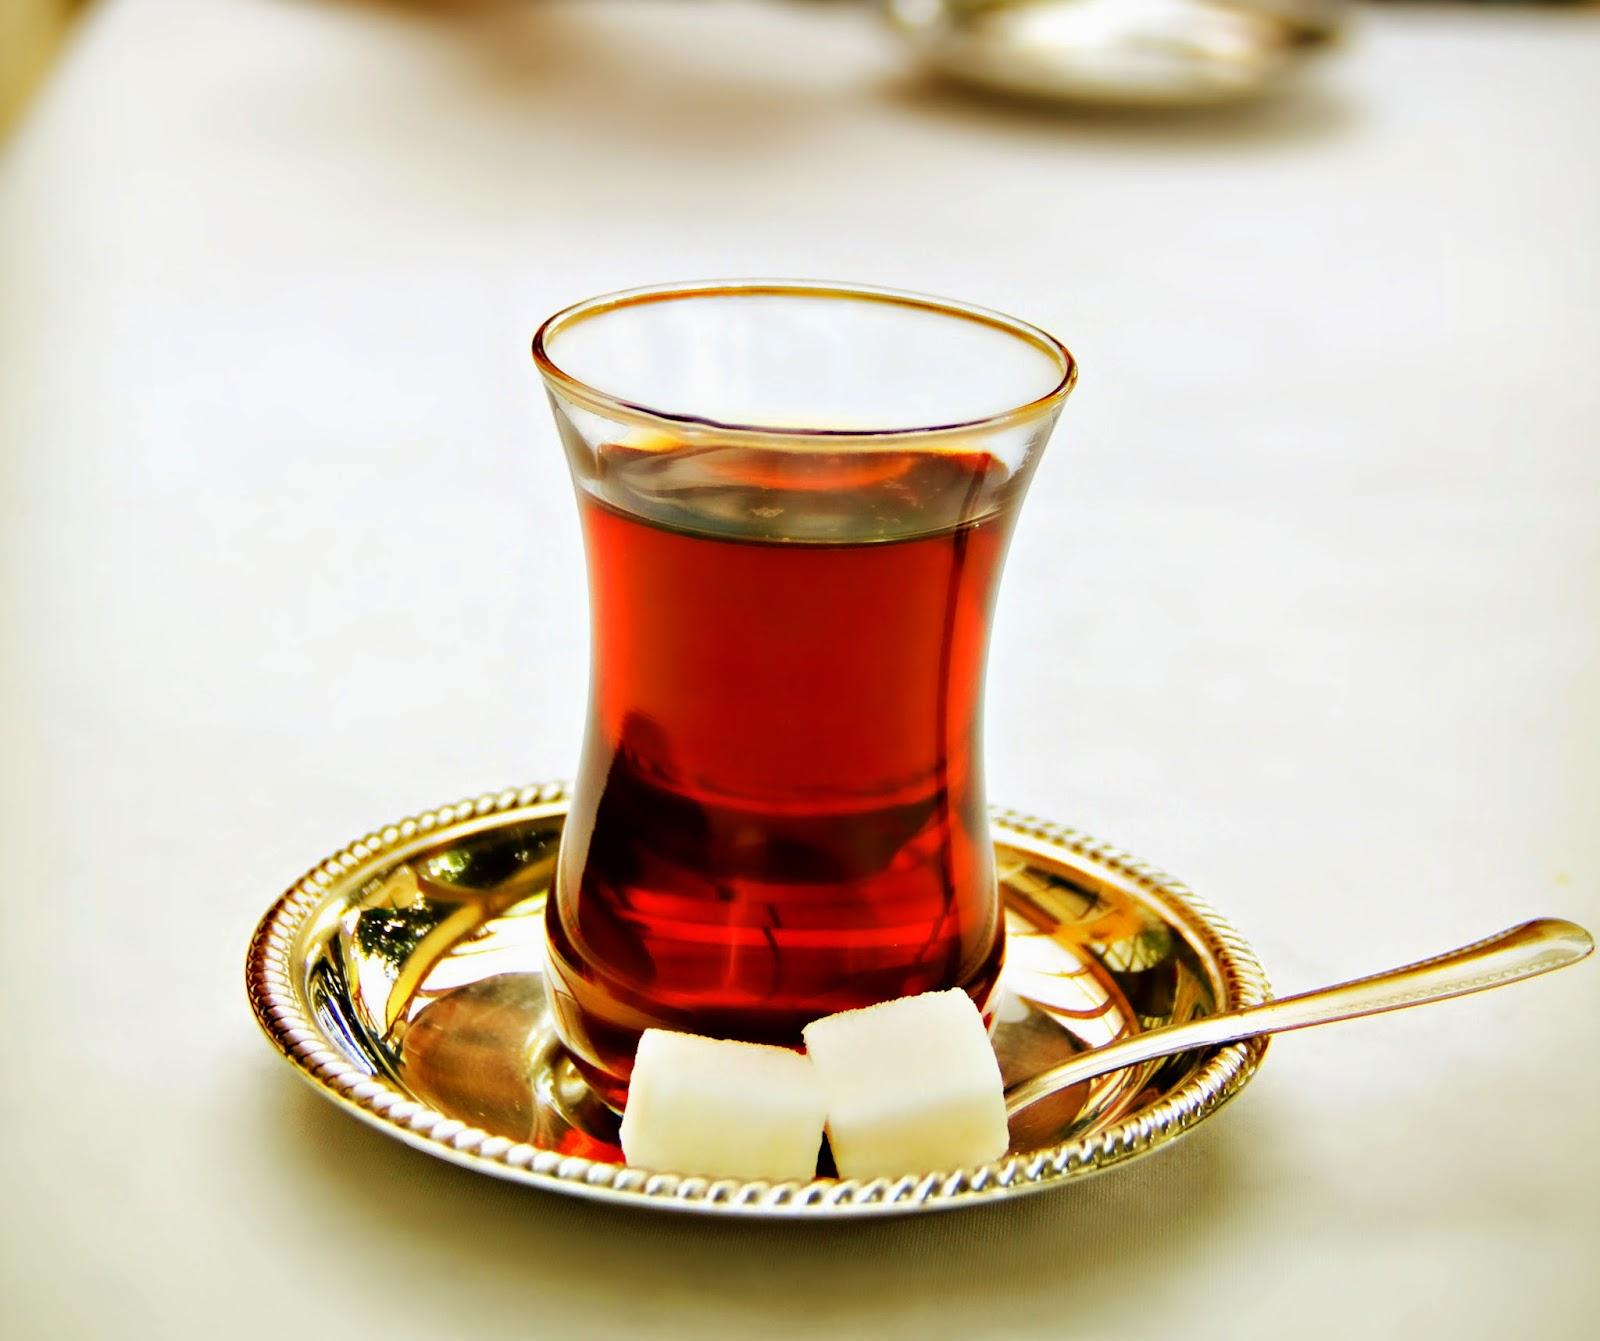 Şifalı Çaylar ve Faydaları